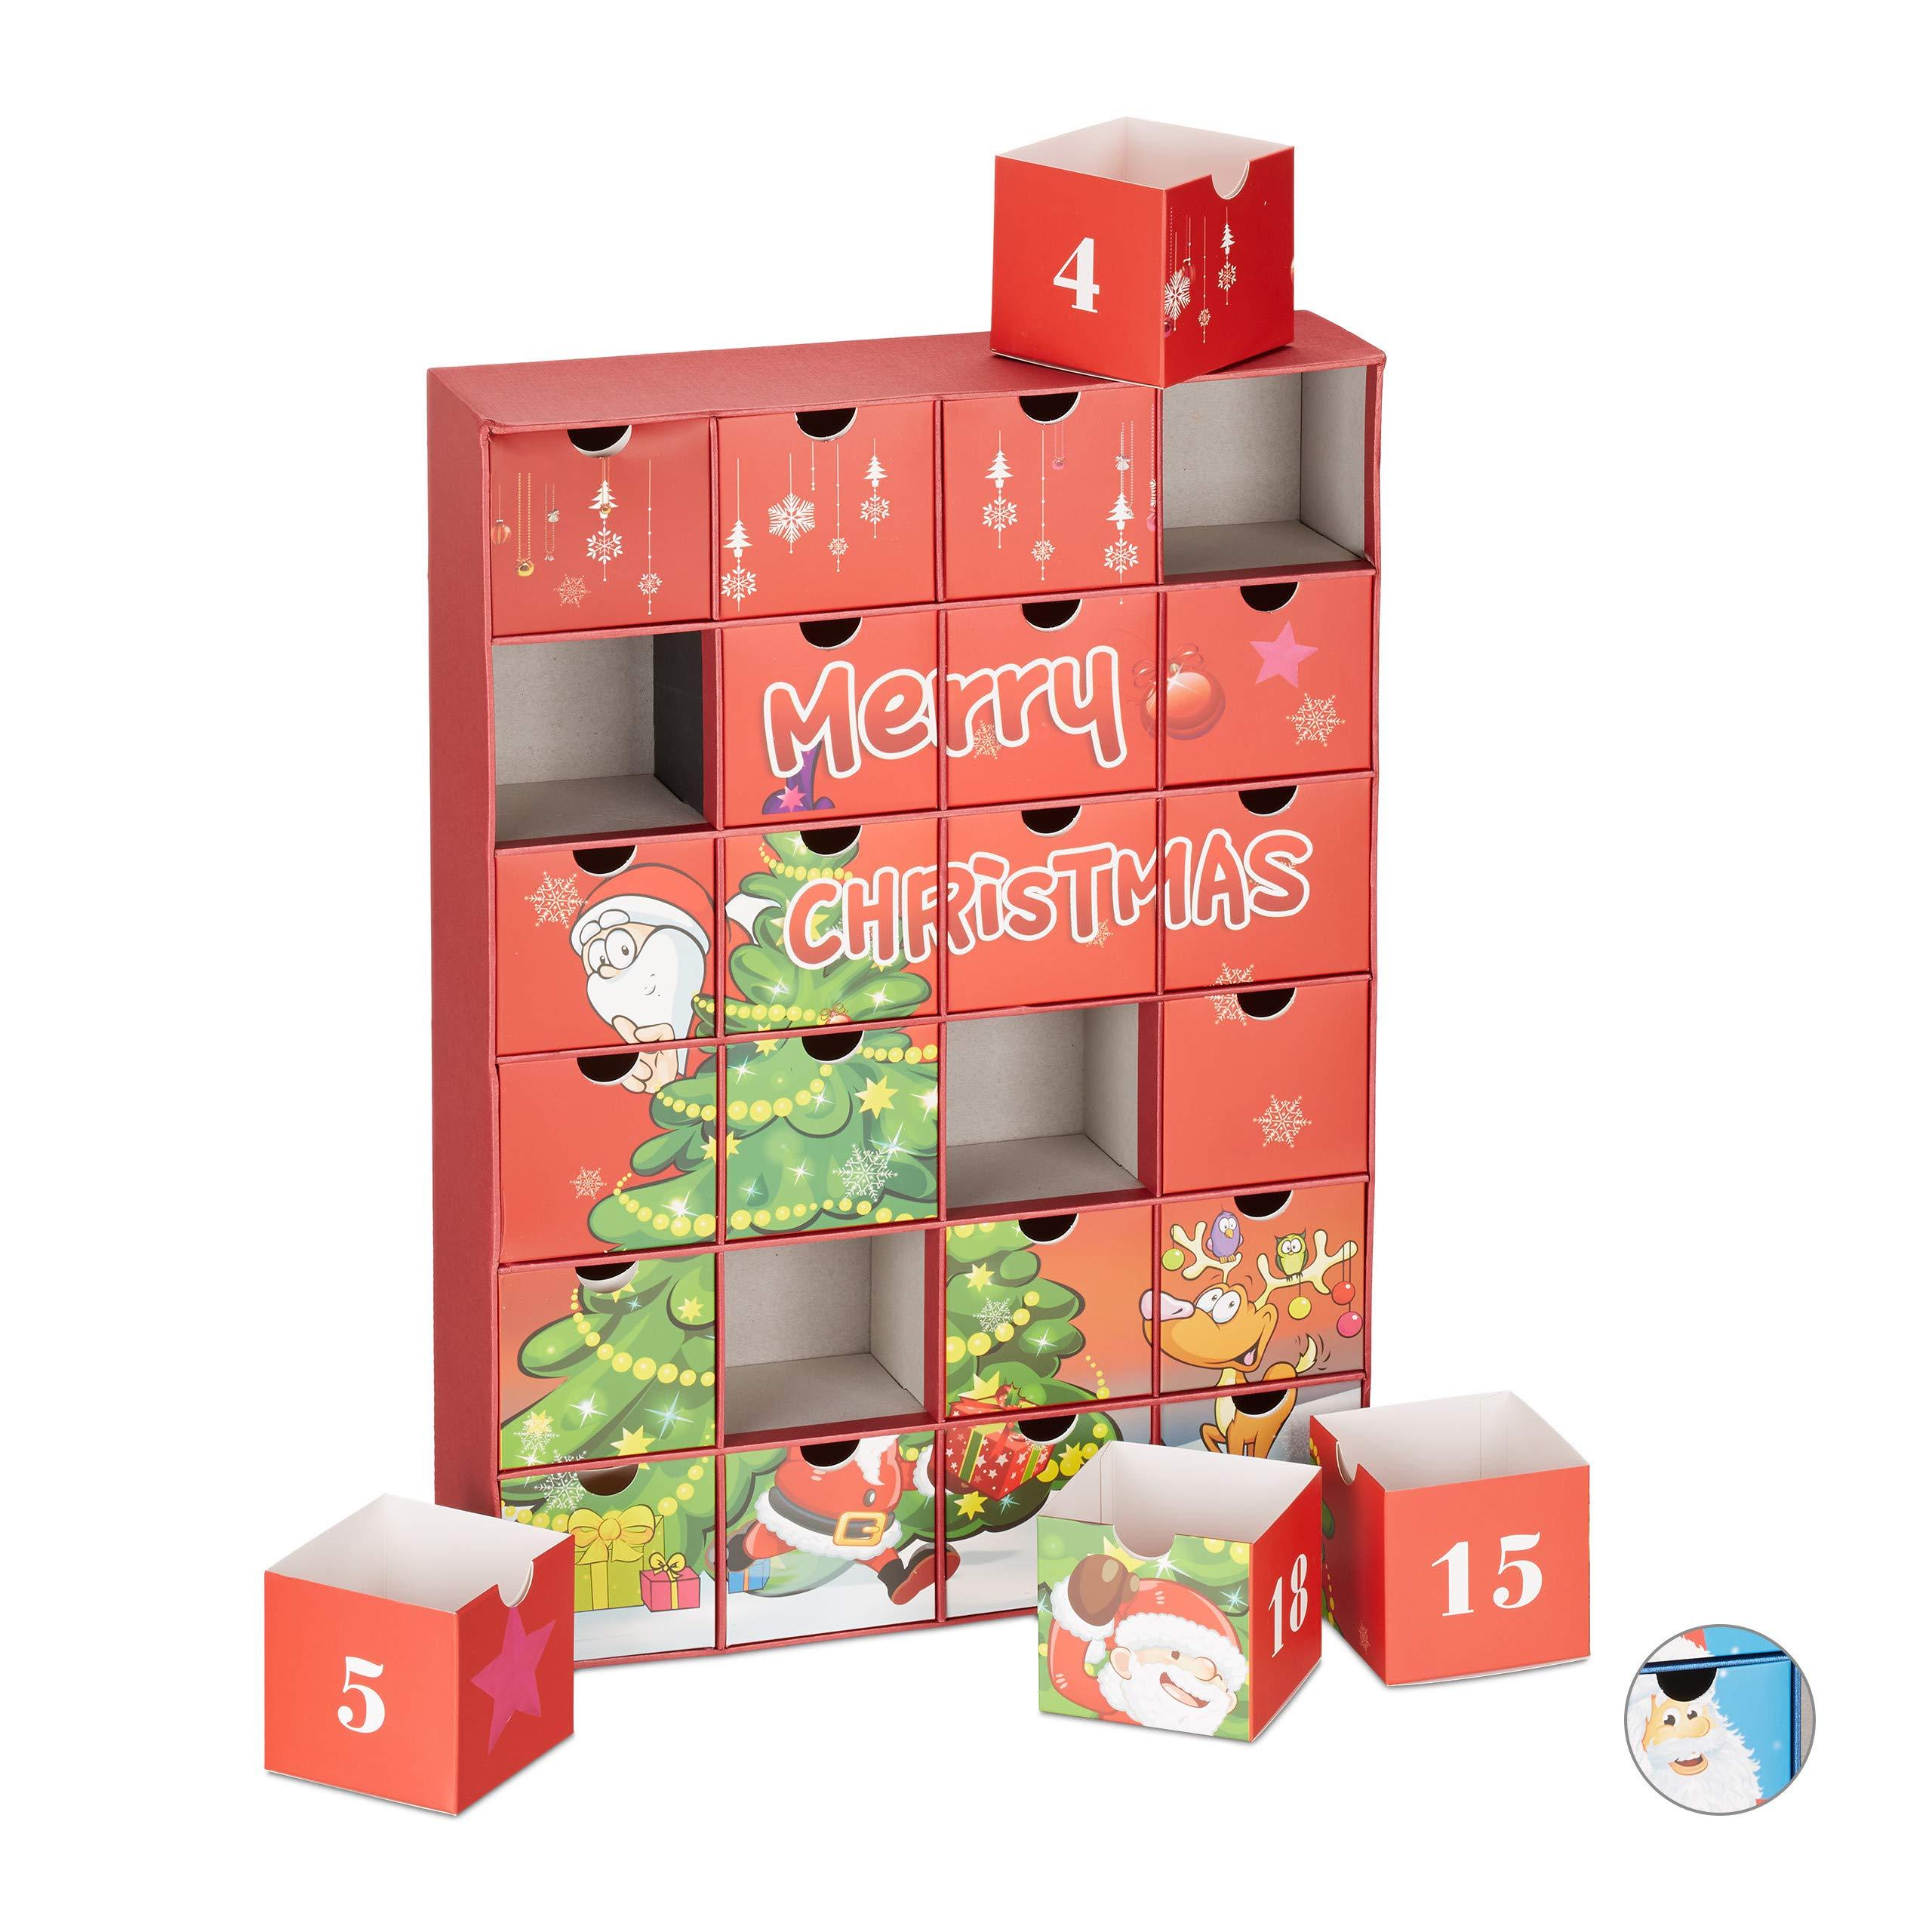 Calendario Avvento Adulti.Relaxdays Calendario Dell Avvento Da Riempire 24 Scatolette Riutilizzabili Per Adulti E Bambini Differenti Colori Giochi Legno